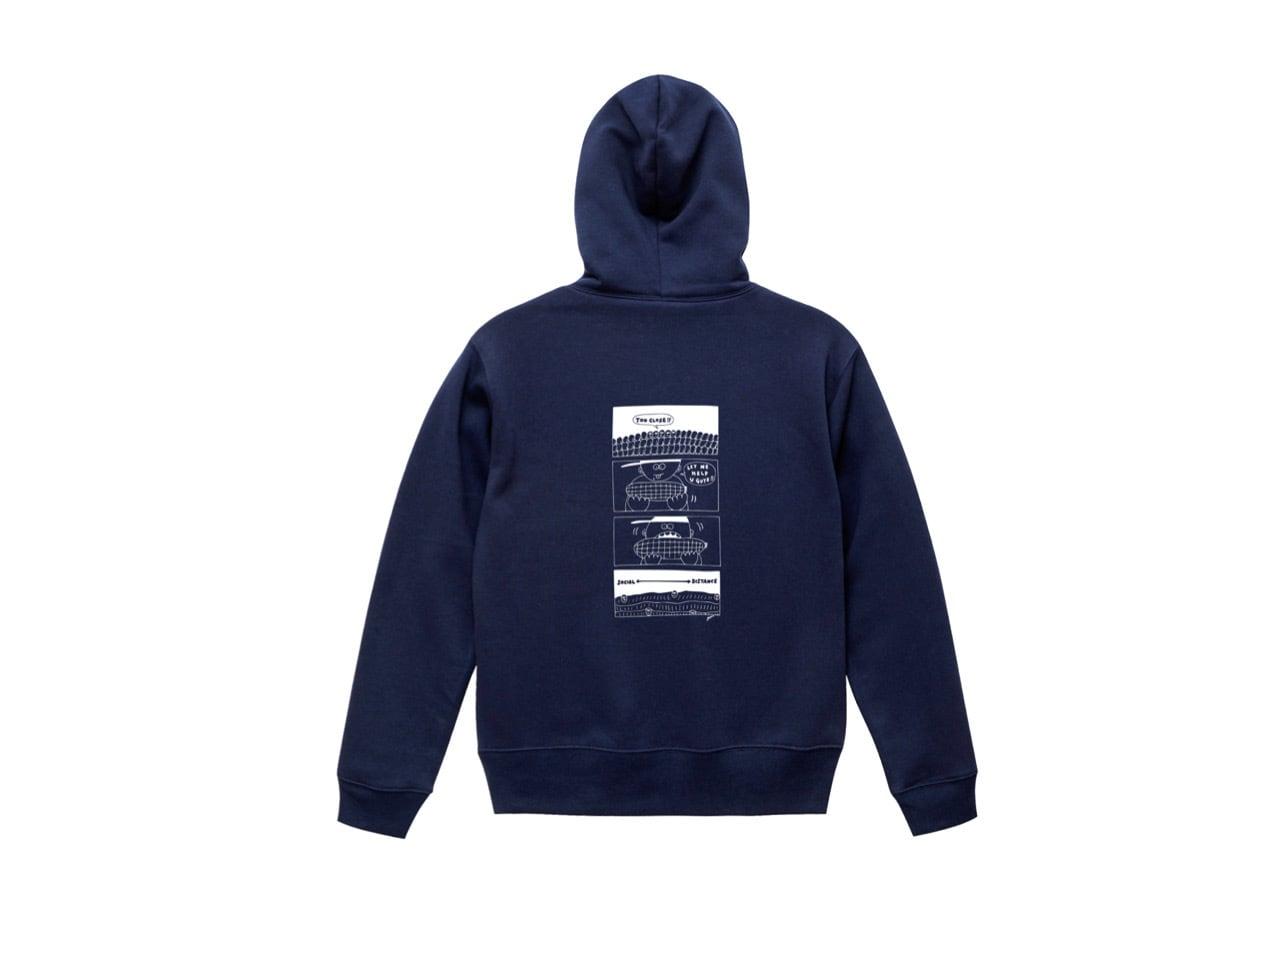 SHI × coguchi Corn SD hoodie (NVY/WH)